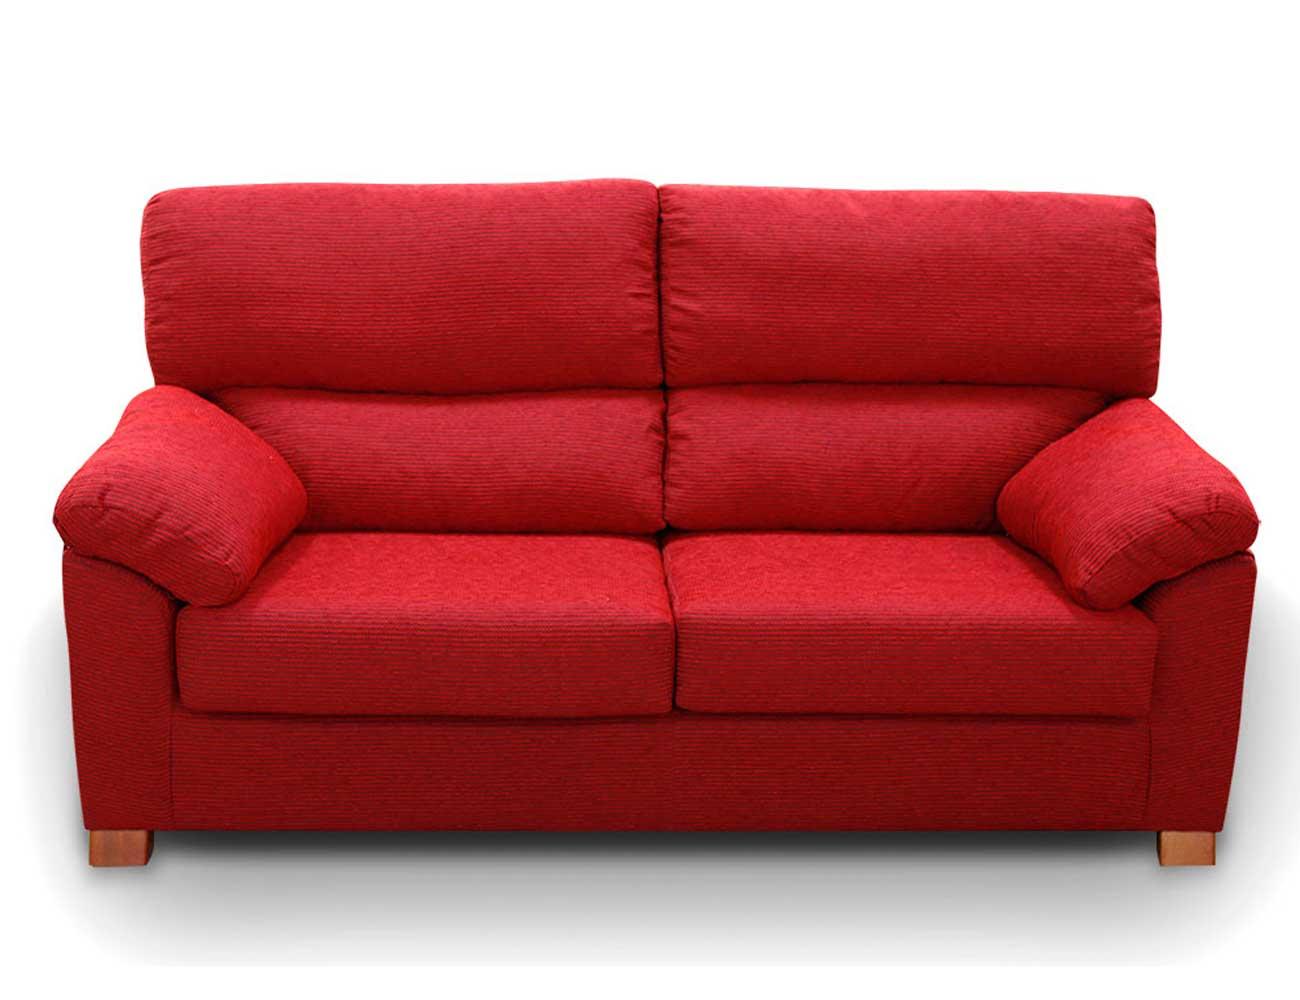 Sofa barato 3 plazas rojo6